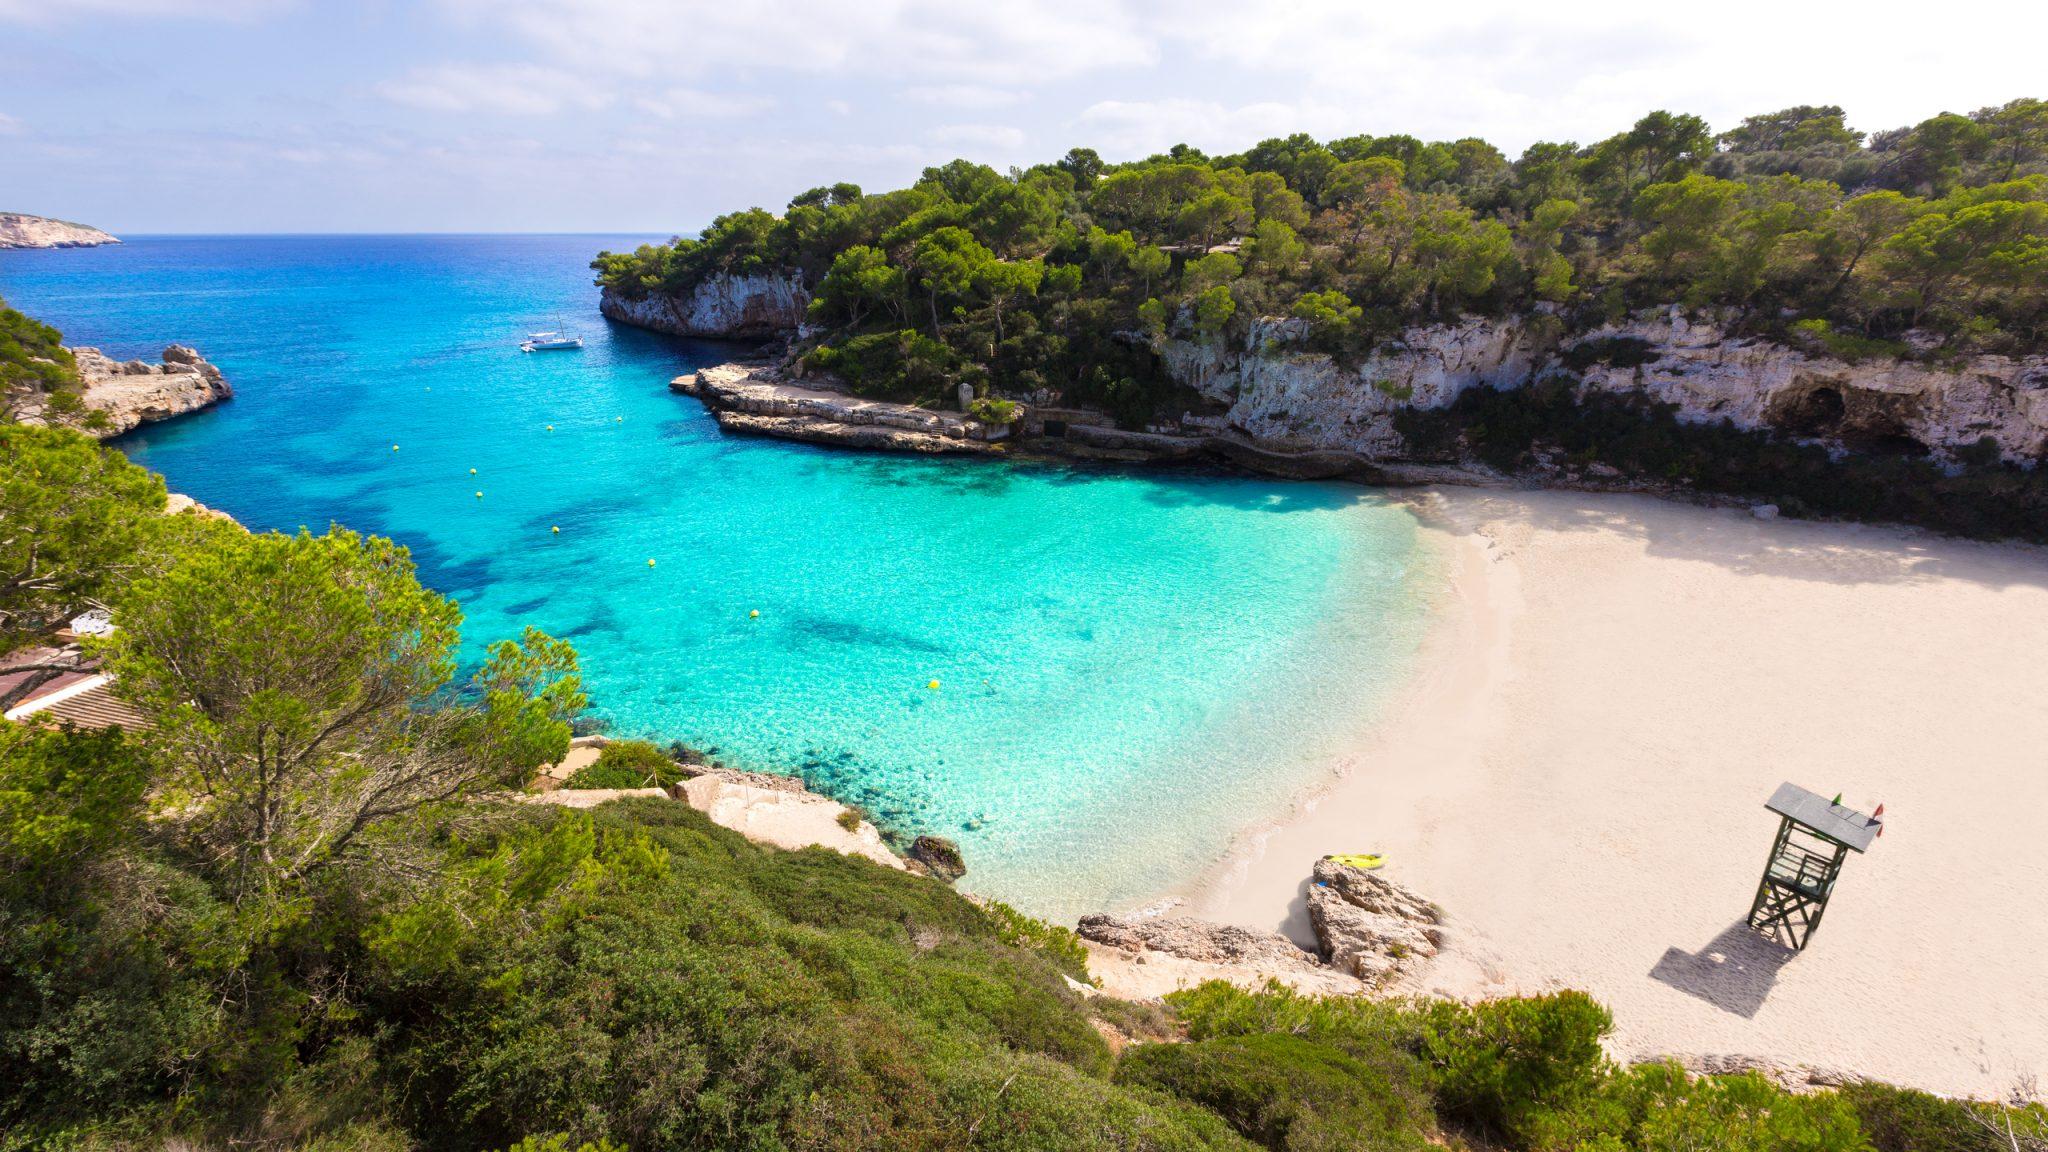 Crociera alle Baleari: 5 spiagge da visitare nel tuo scalo a Palma di Maiorca